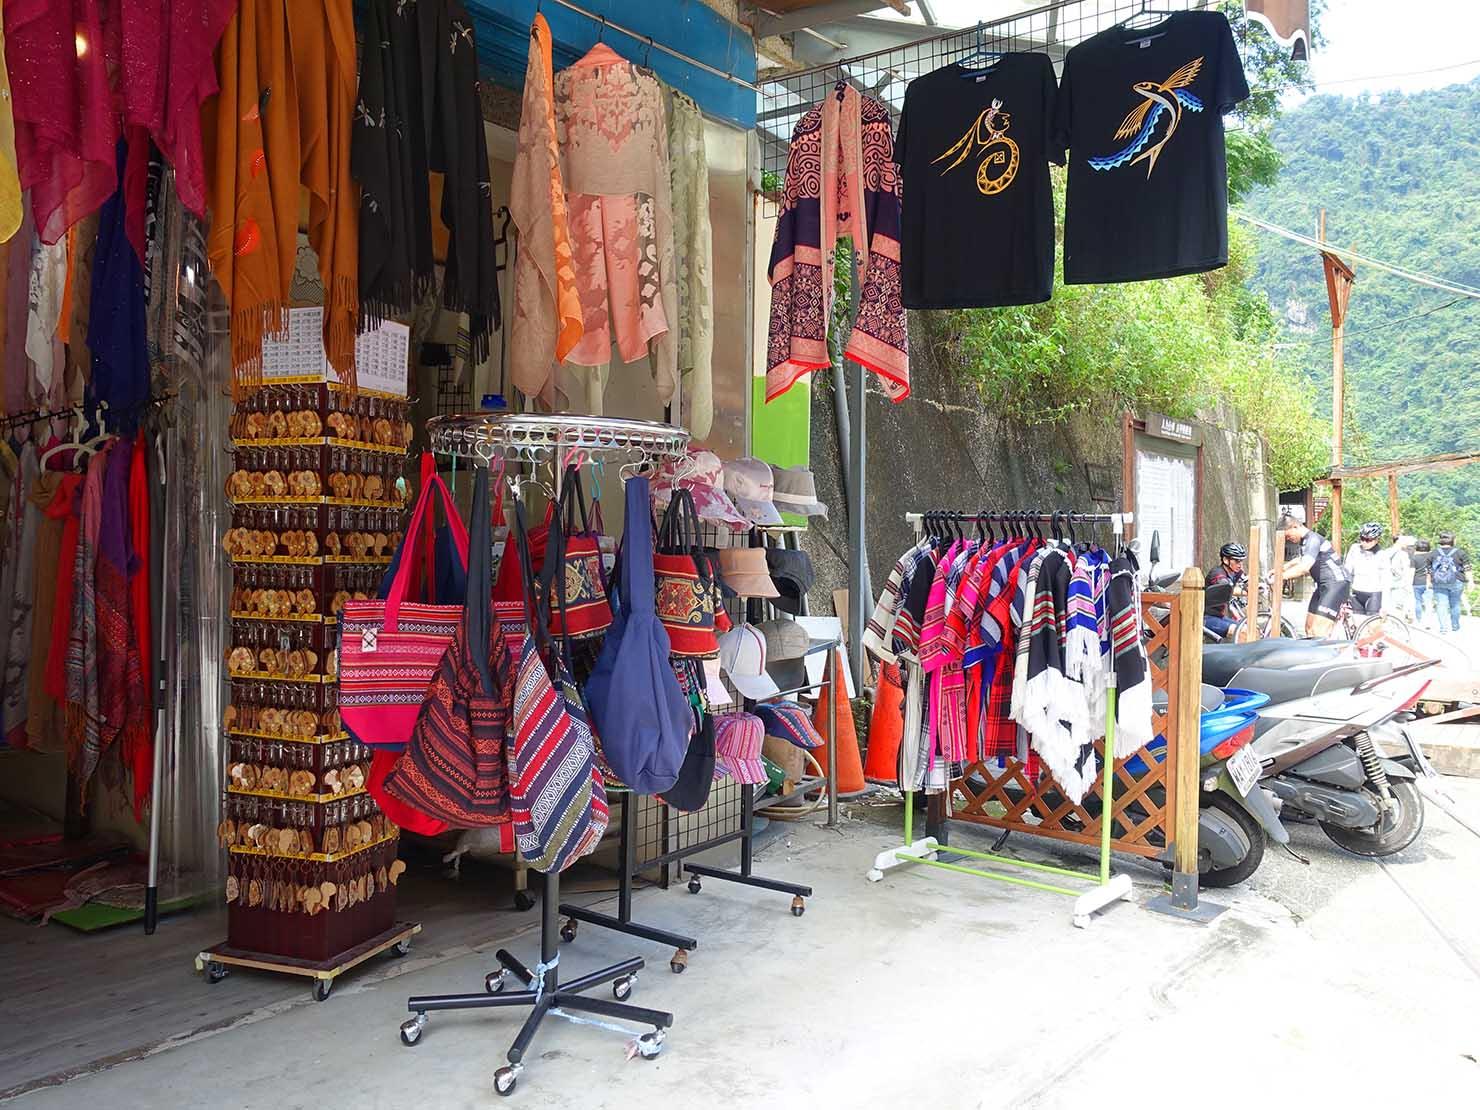 台北・烏來温泉で見つけた泰雅族(タイヤル族)伝統織物のおみやげ品